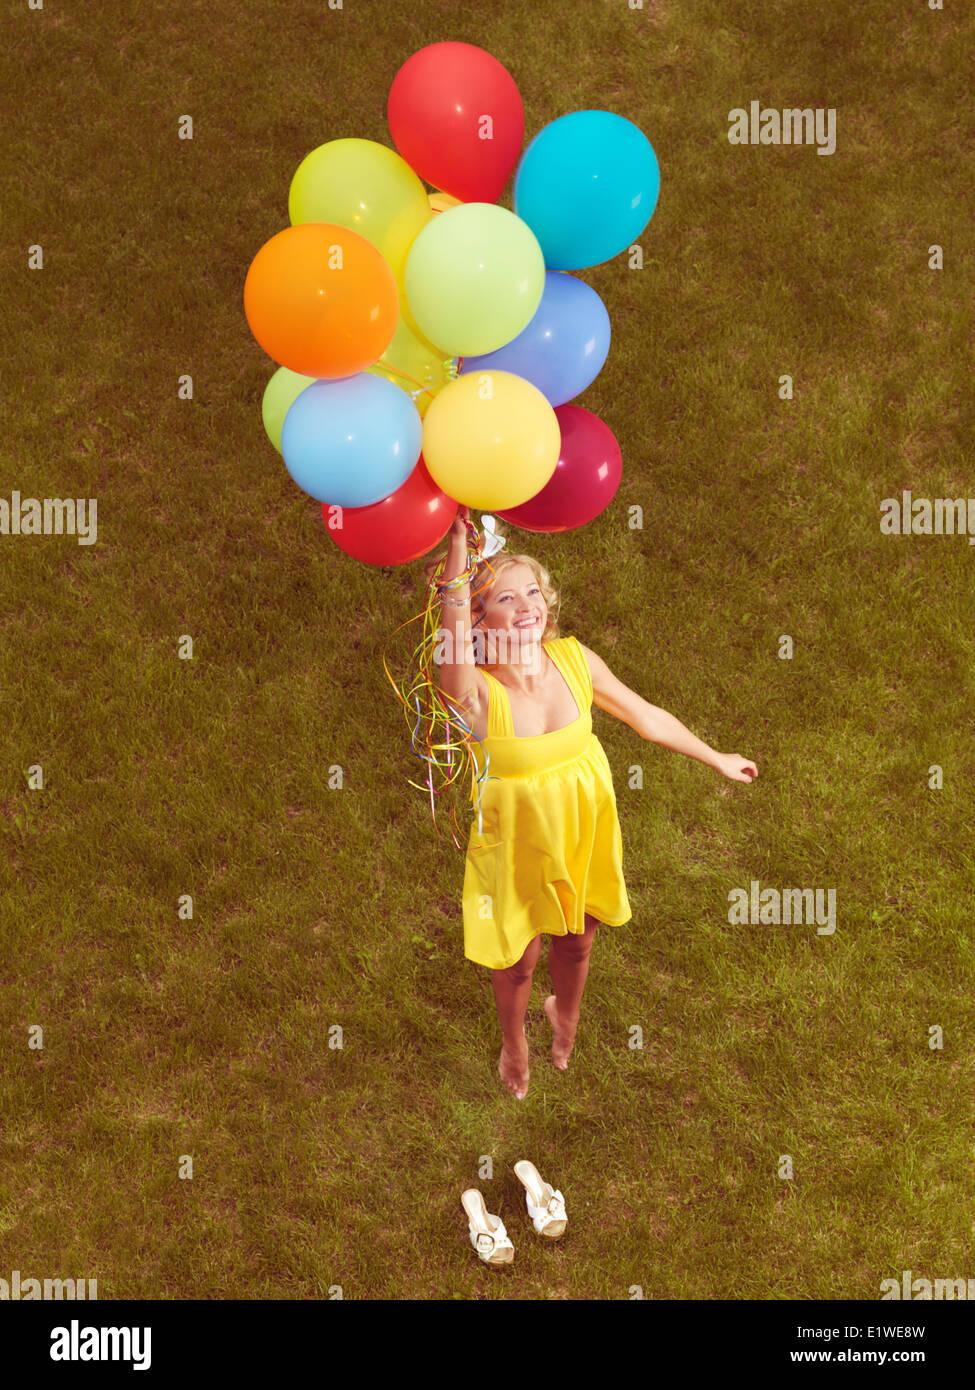 Felice giovane donna in giallo abiti estivi volare fino dal suolo con colorati palloni di elio, retrò foto Immagini Stock